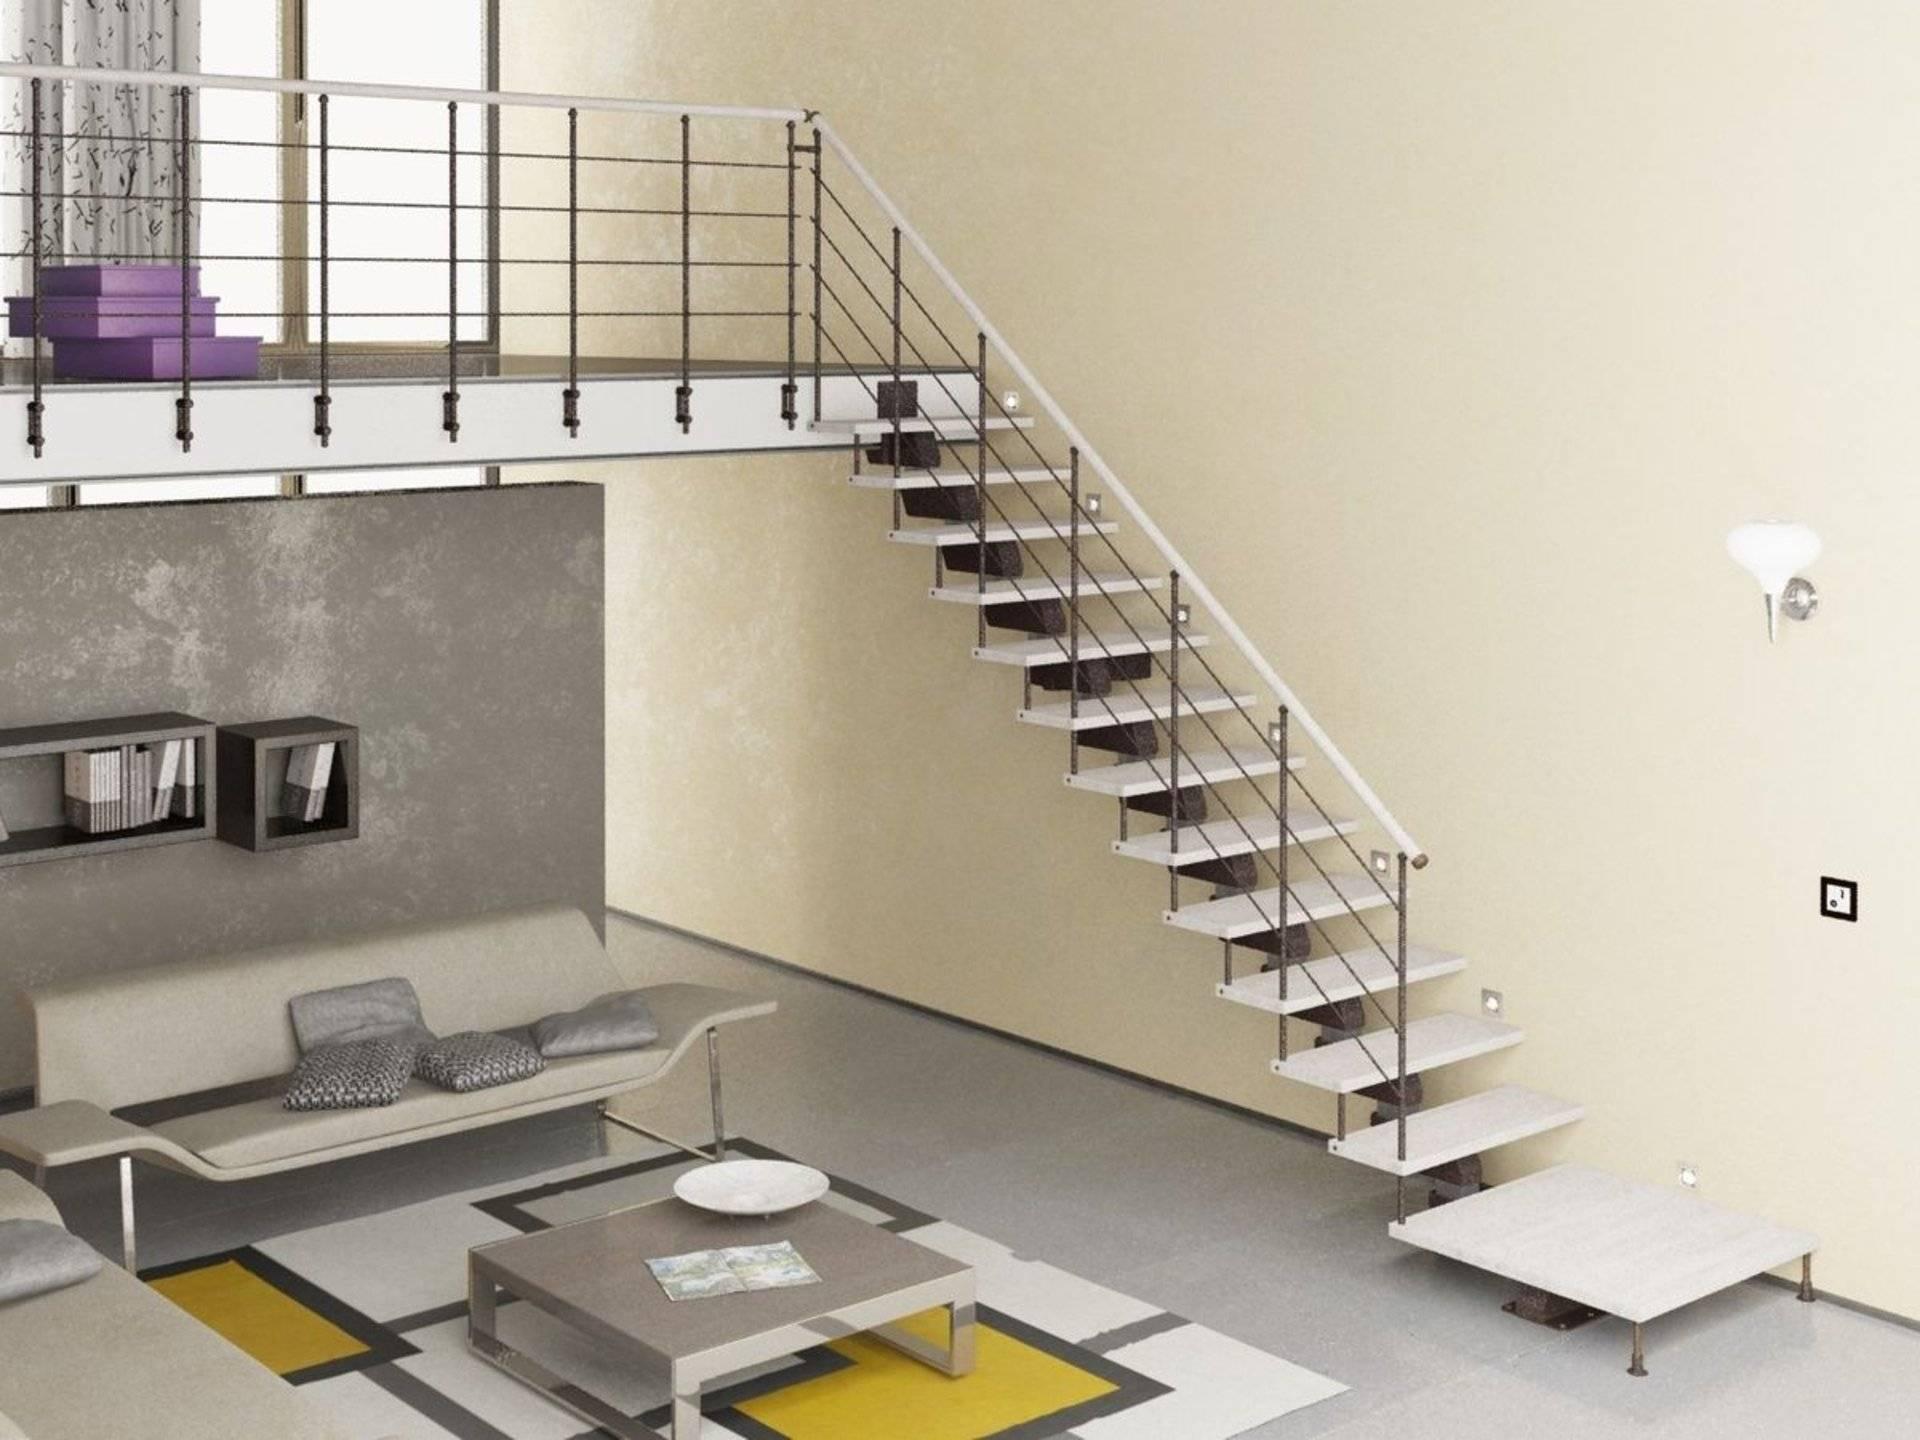 Лучшая лестница на металлических косоурах: 6 рекомендаций